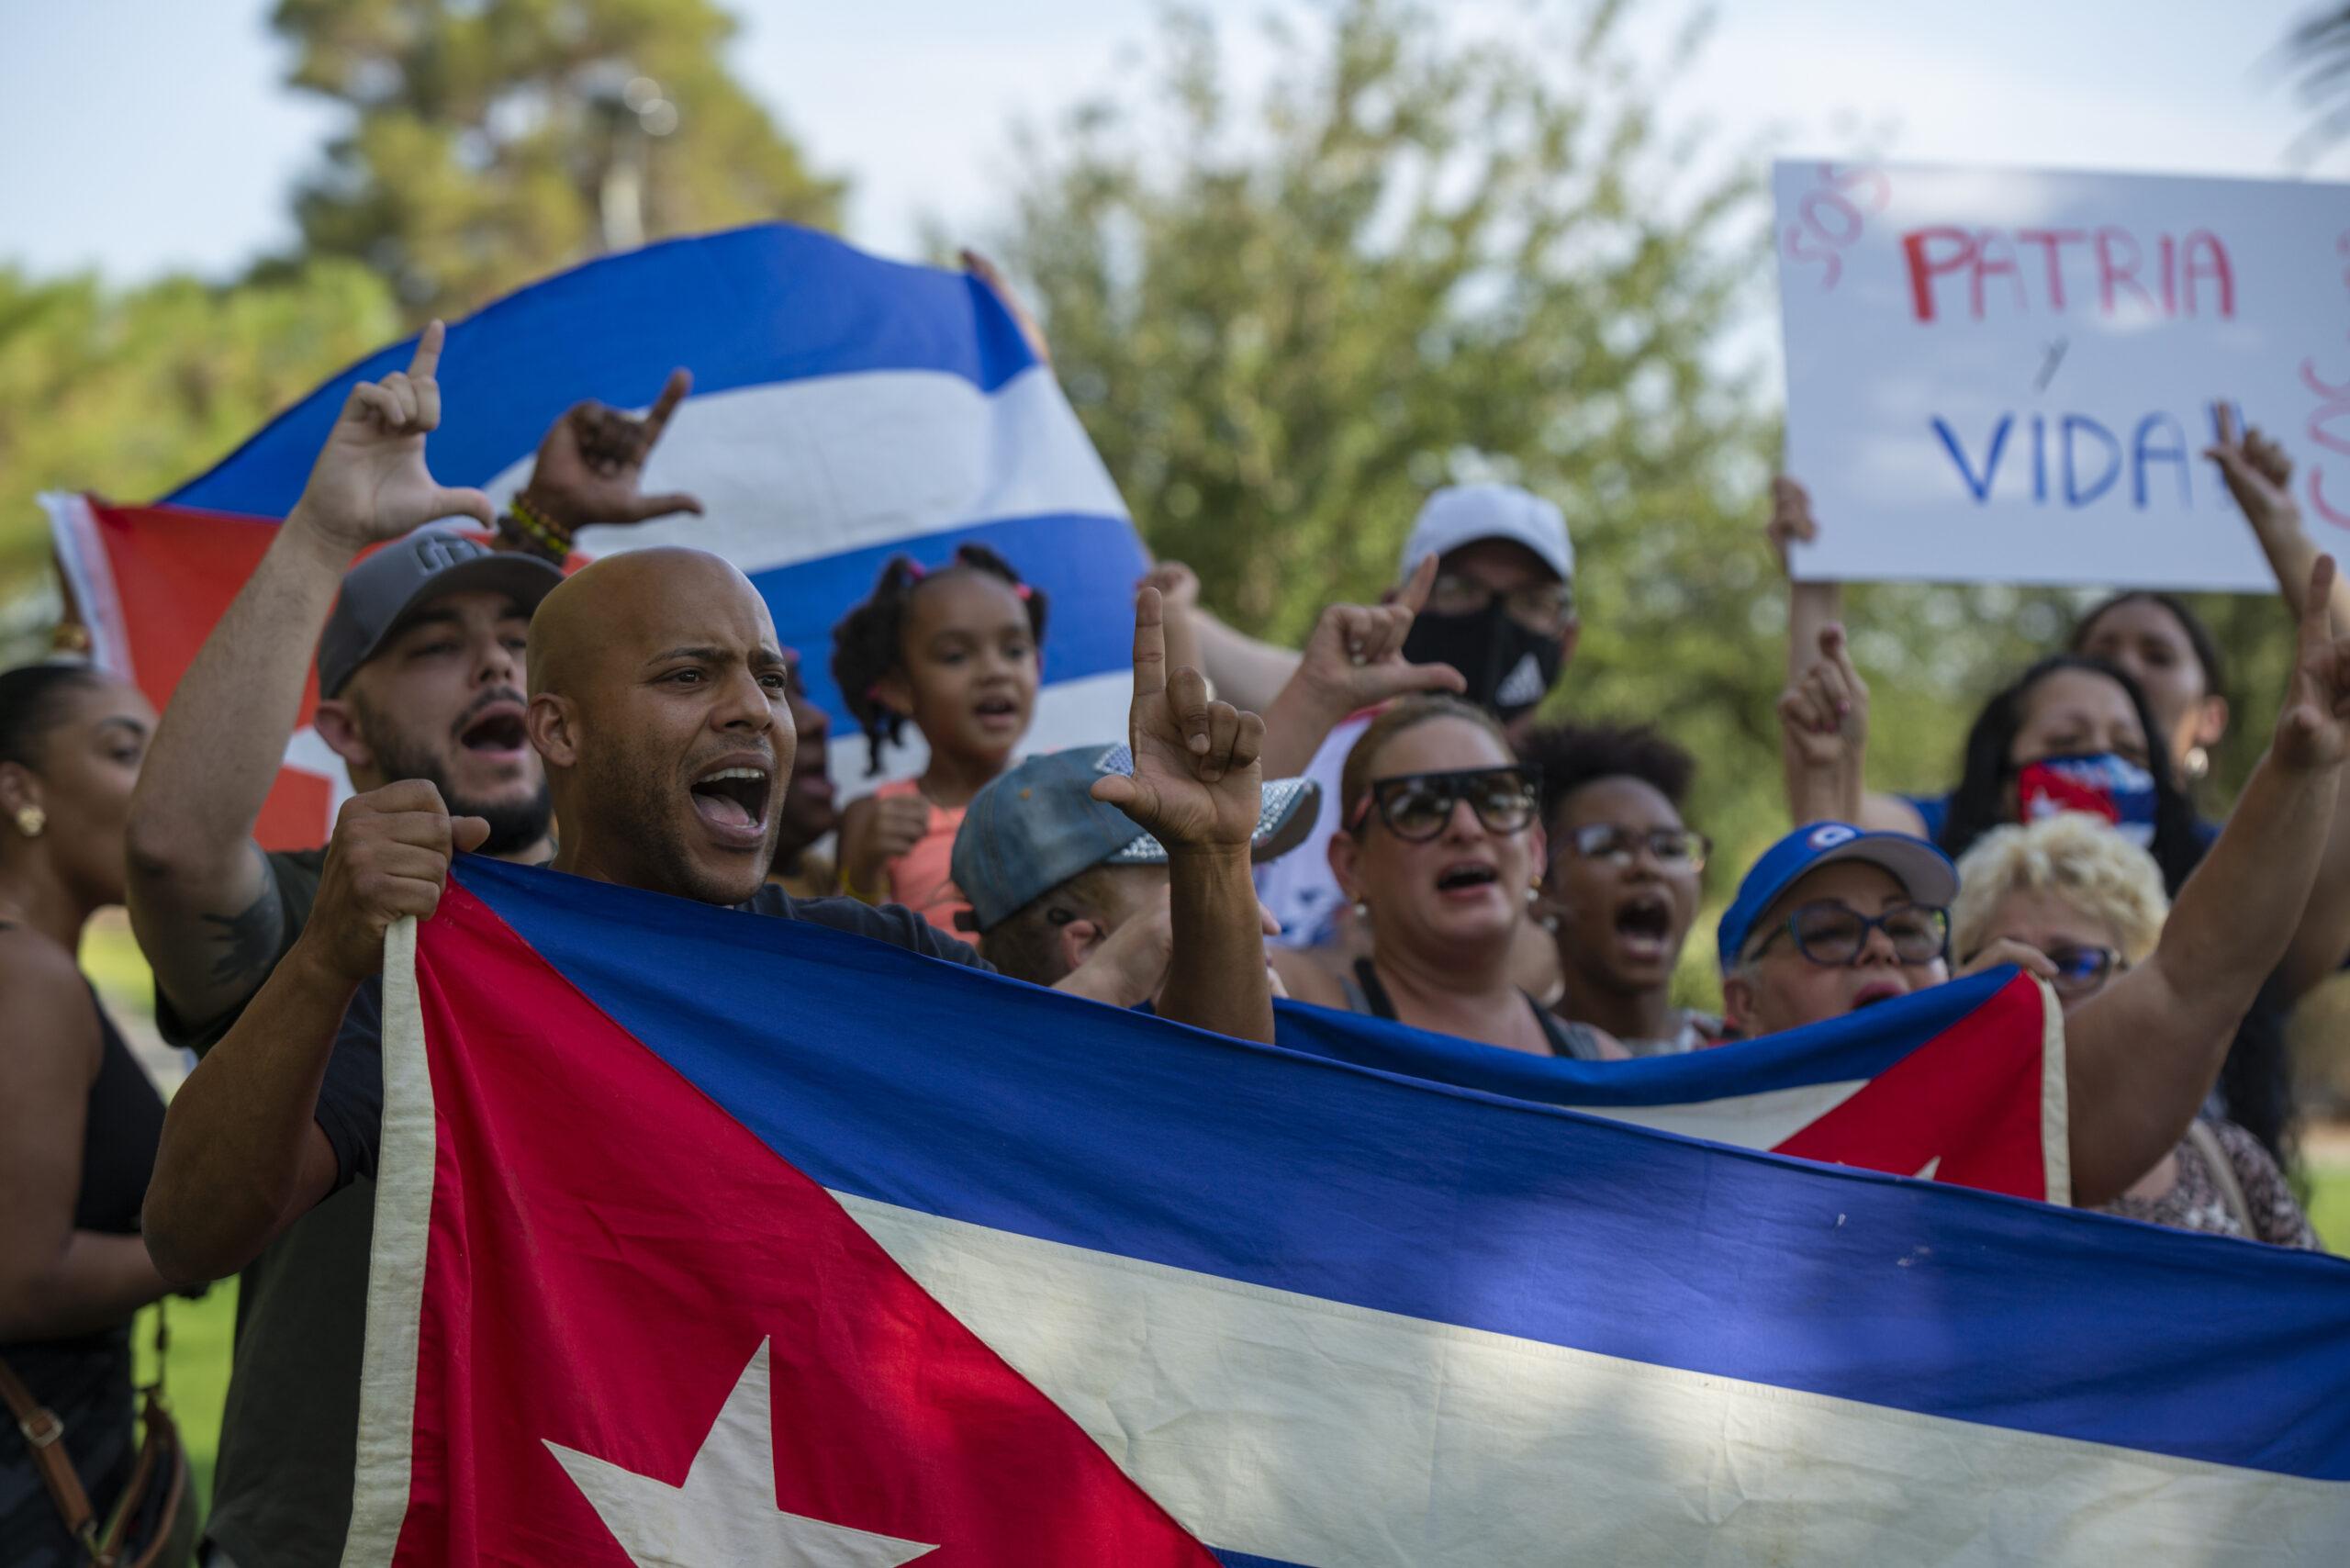 """Los gritos de """"Libertad"""" resonaron a 2,000 millas de Cuba en  manifestaciones en Las Vegas - The Nevada Independent"""